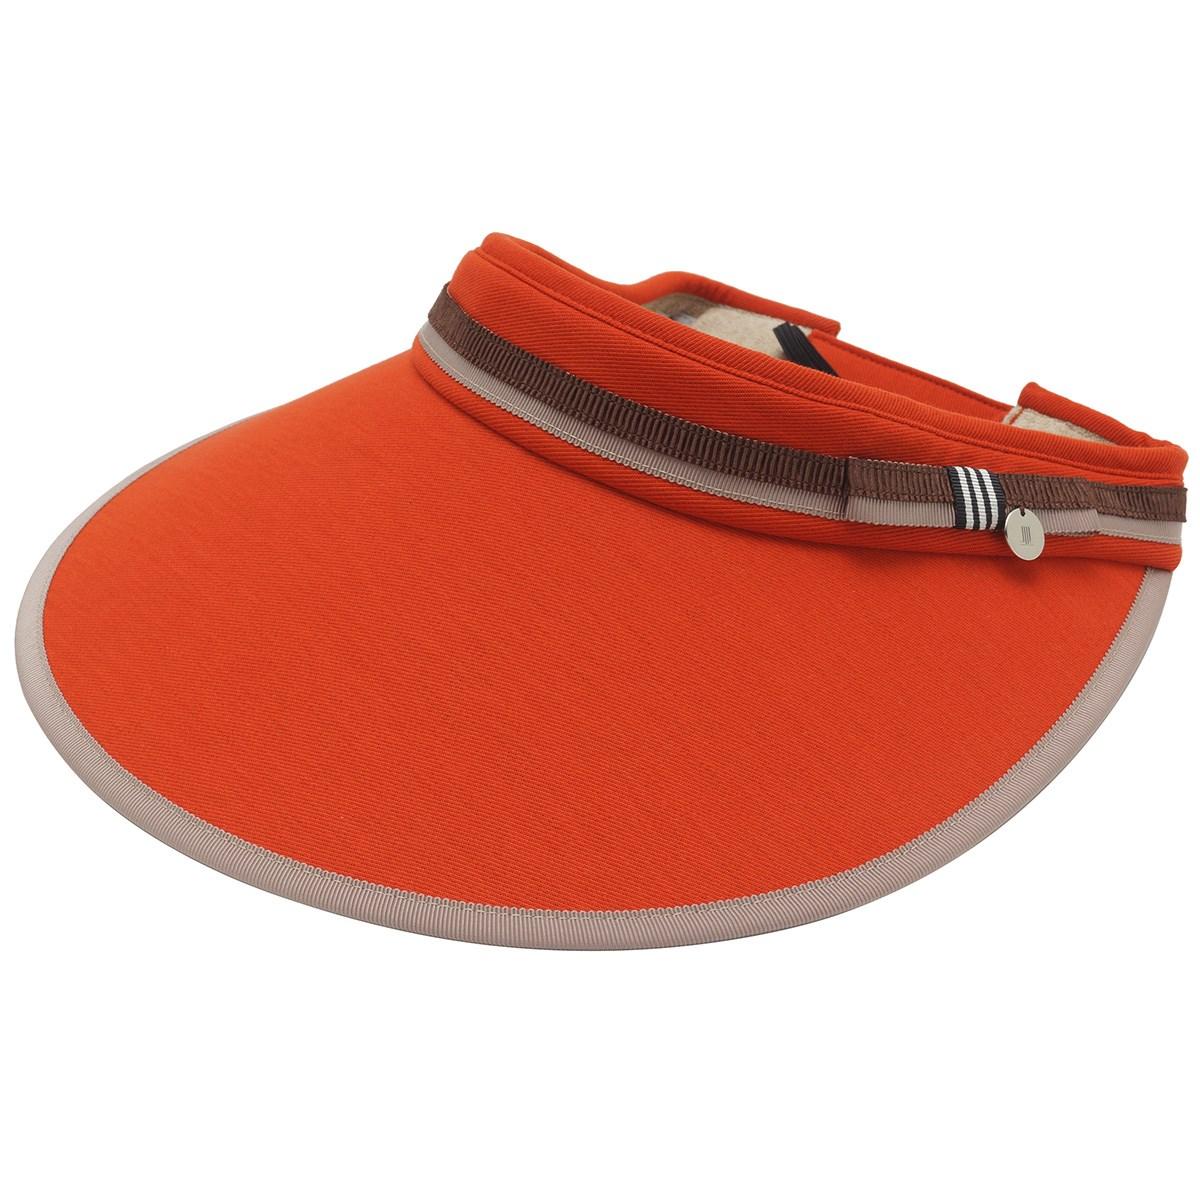 ランバン スポール LANVIN SPORT リボン付きソフトサンバイザー フリー オレンジ 03 レディス